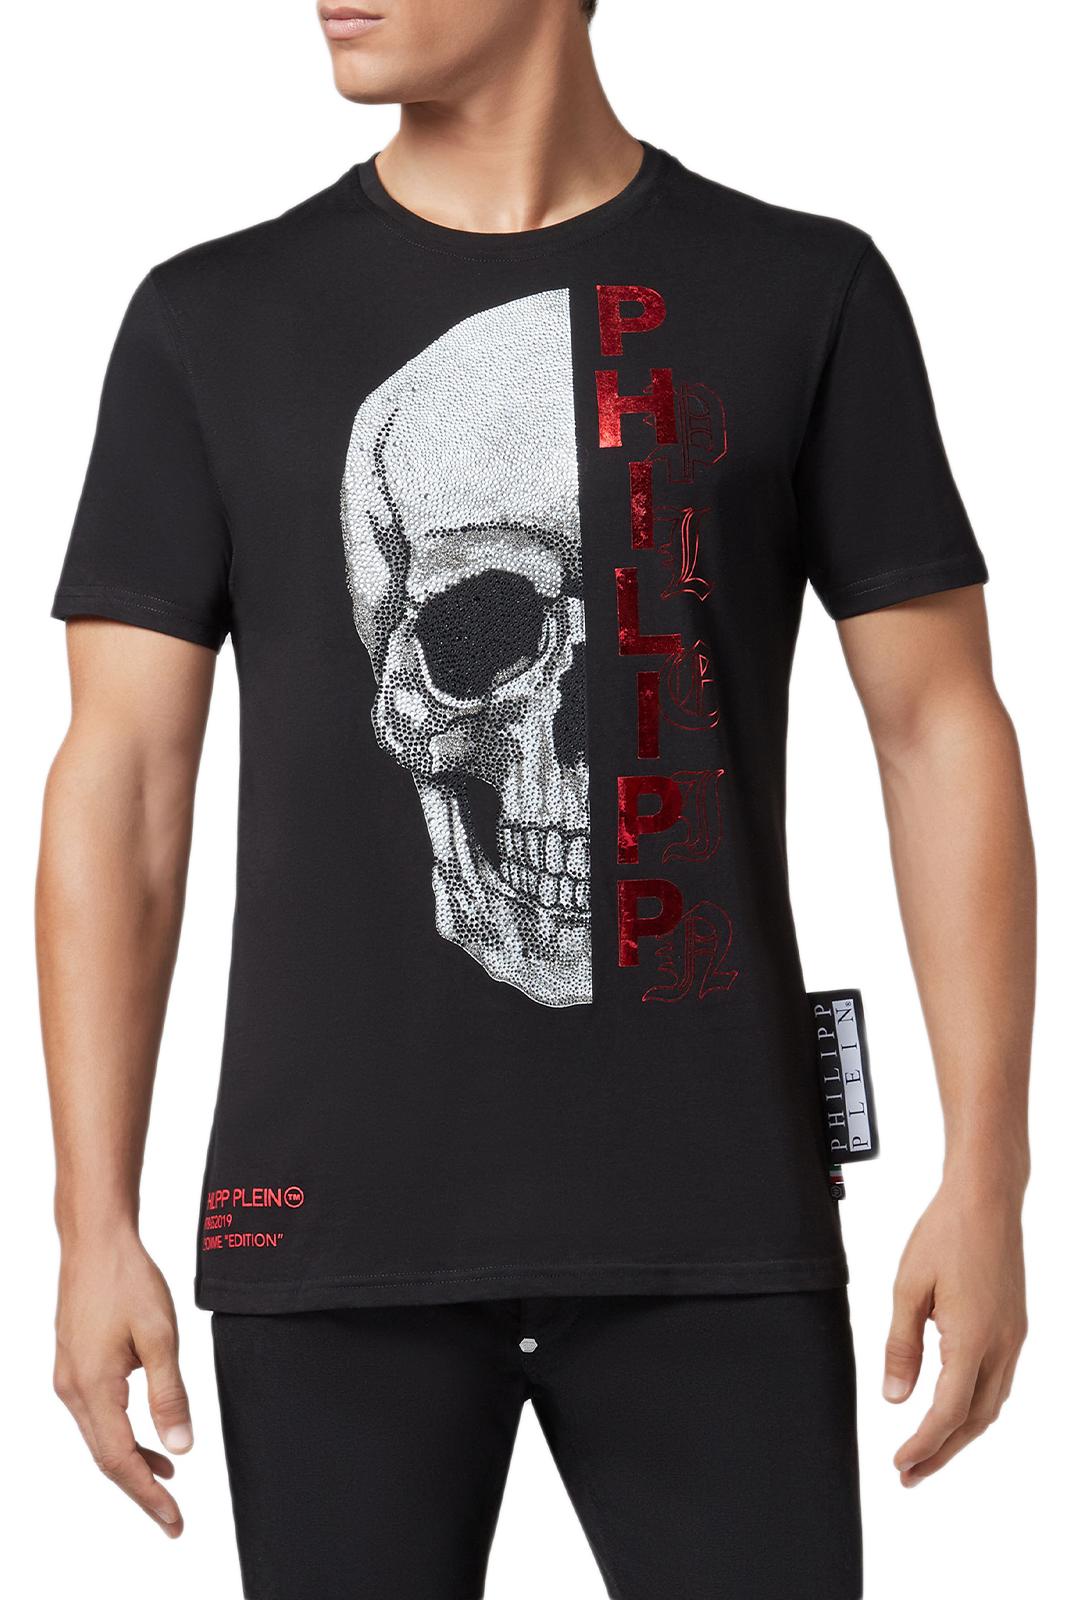 Tee-shirts  Philipp plein MTK3101 Platinum Cut Round Neck Gothic BLACK/RED